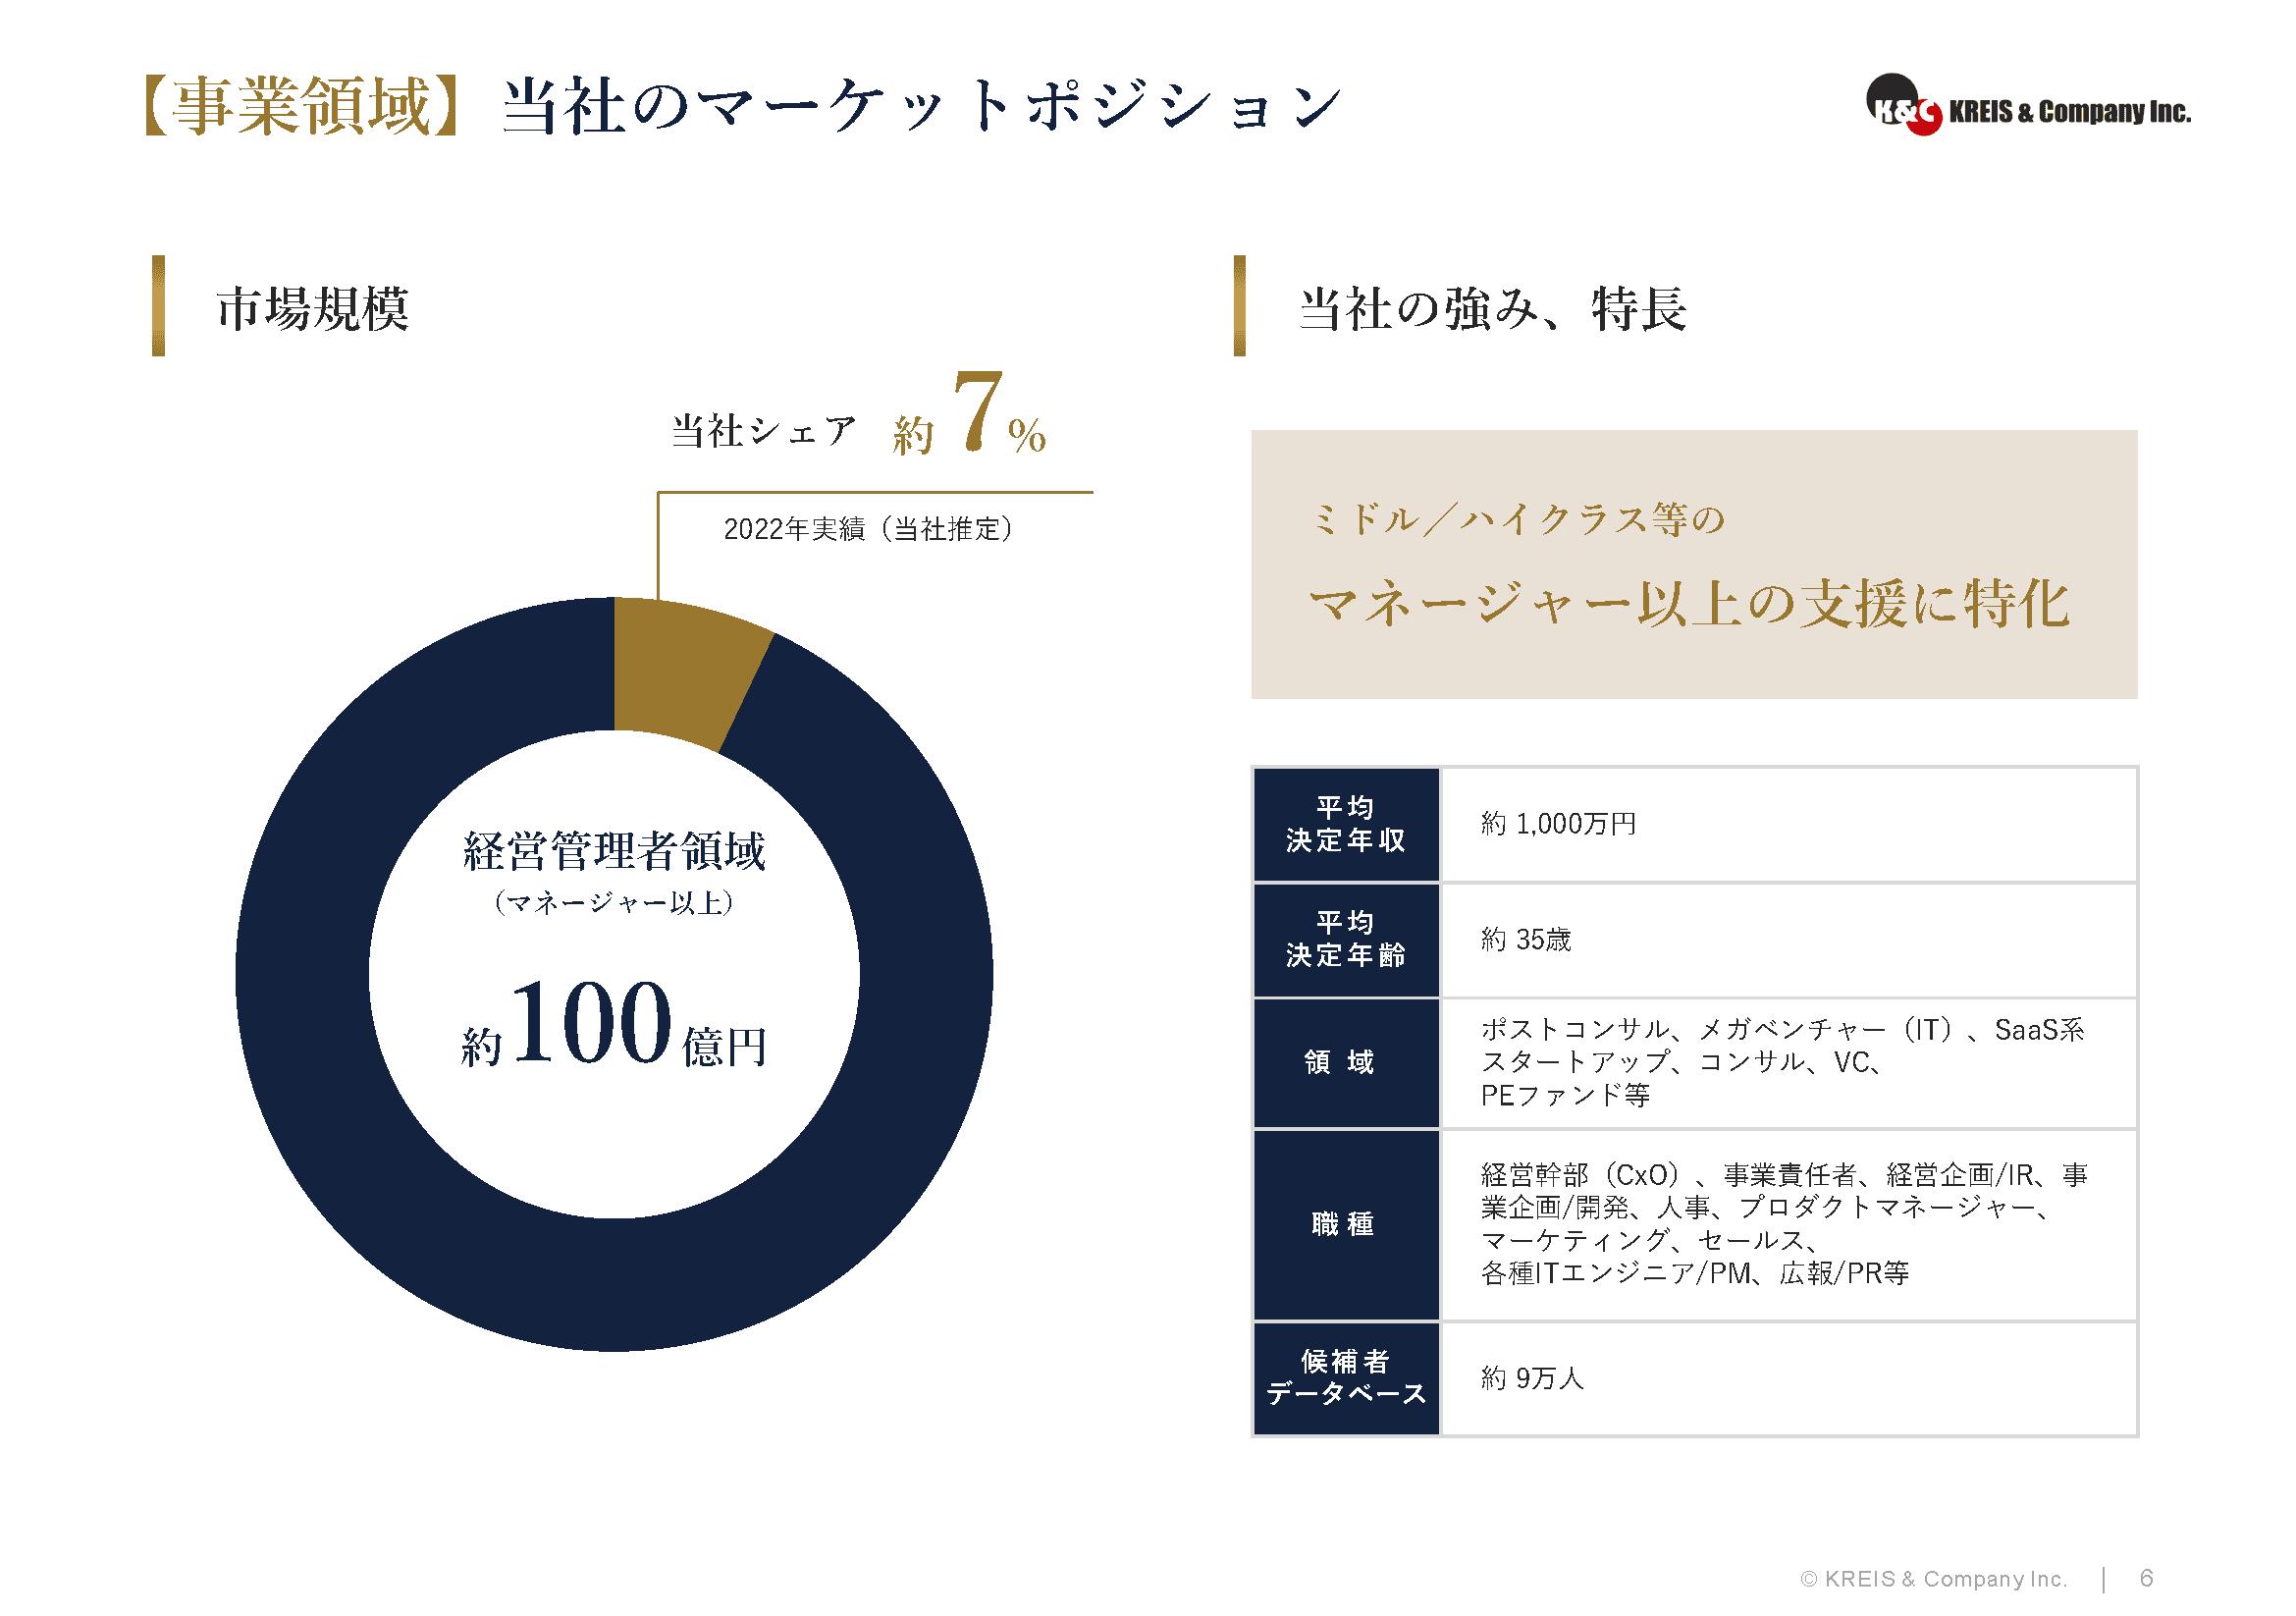 【事業領域】当社のマーケットポジション